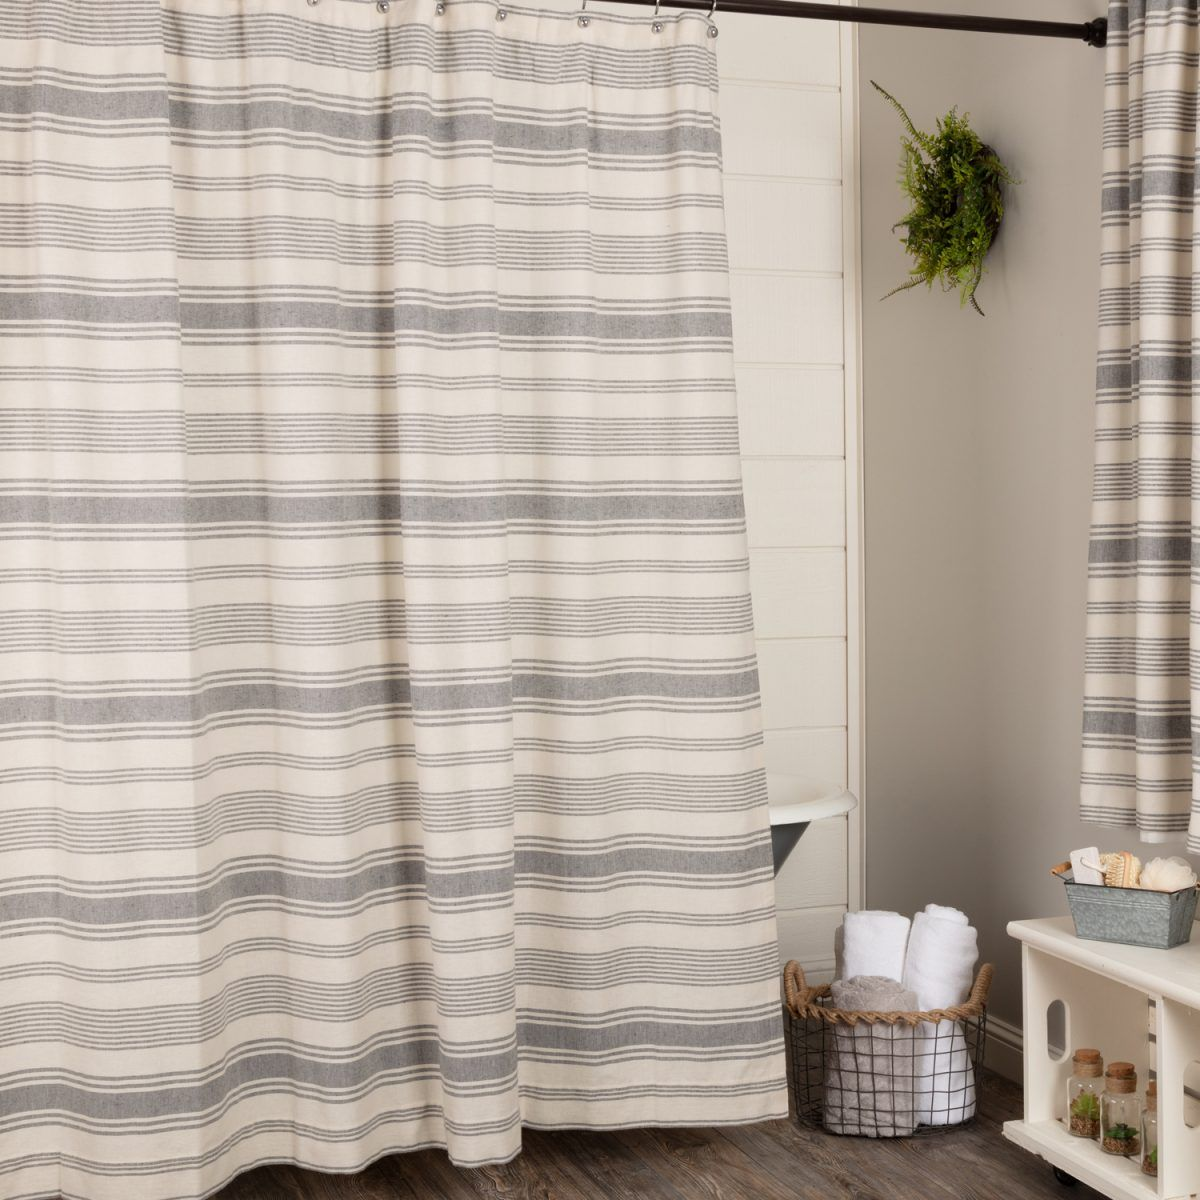 Farm Market Shower Curtain Bathroom Farmhouse Style Gray Shower